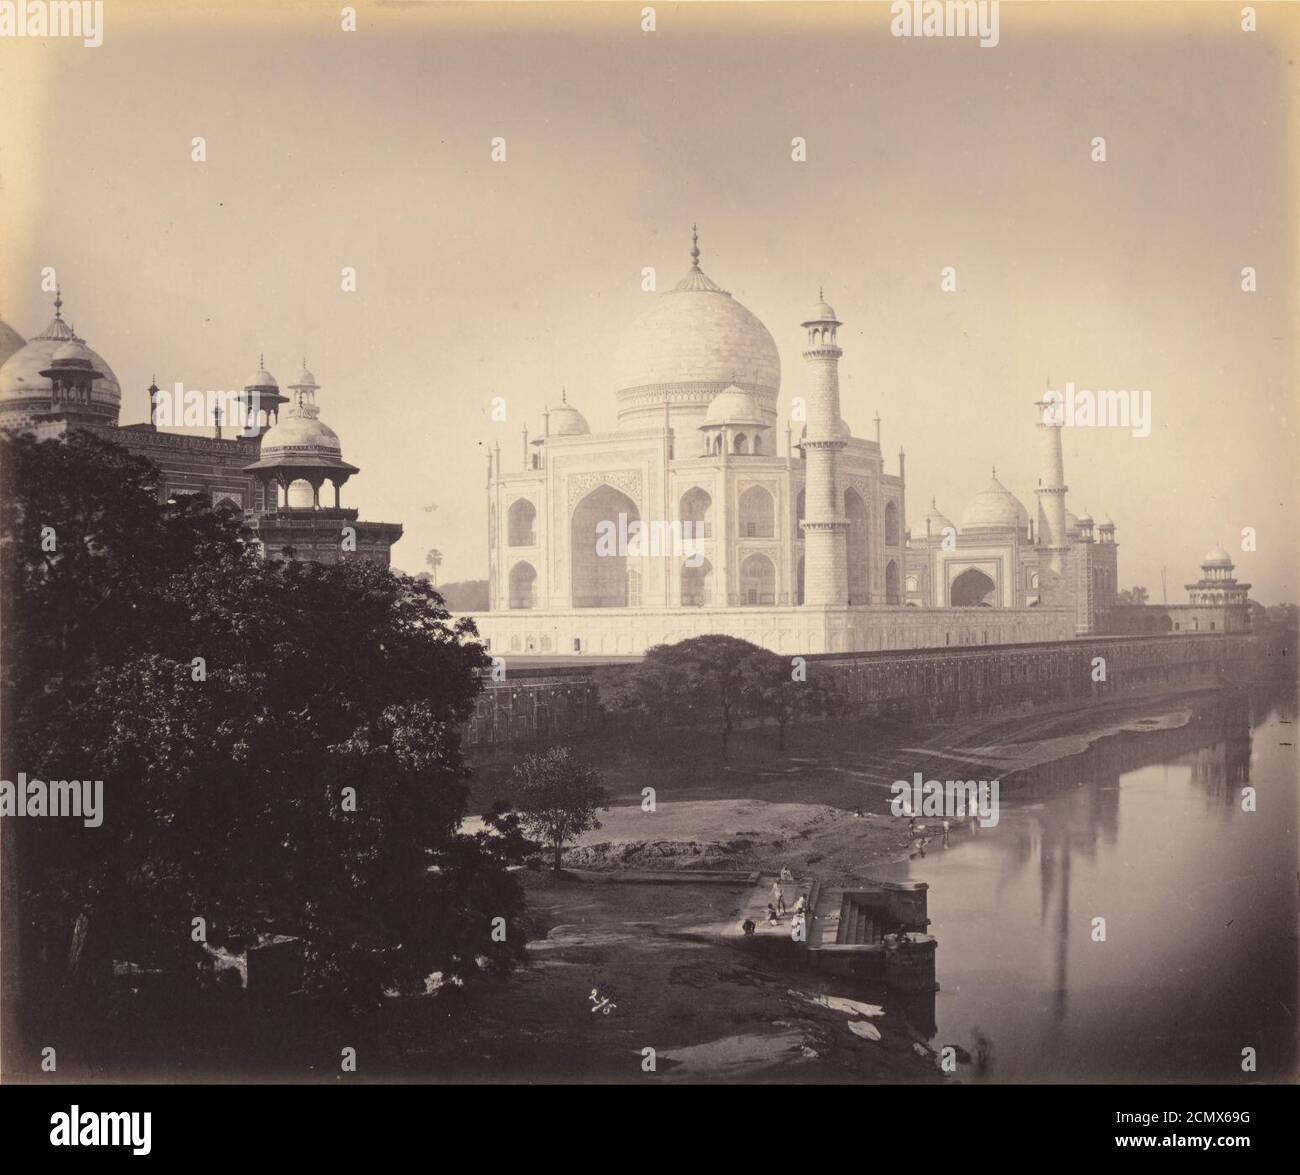 John Saché (French, active India 1860 - 1880s) - (The Taj Mahal ...